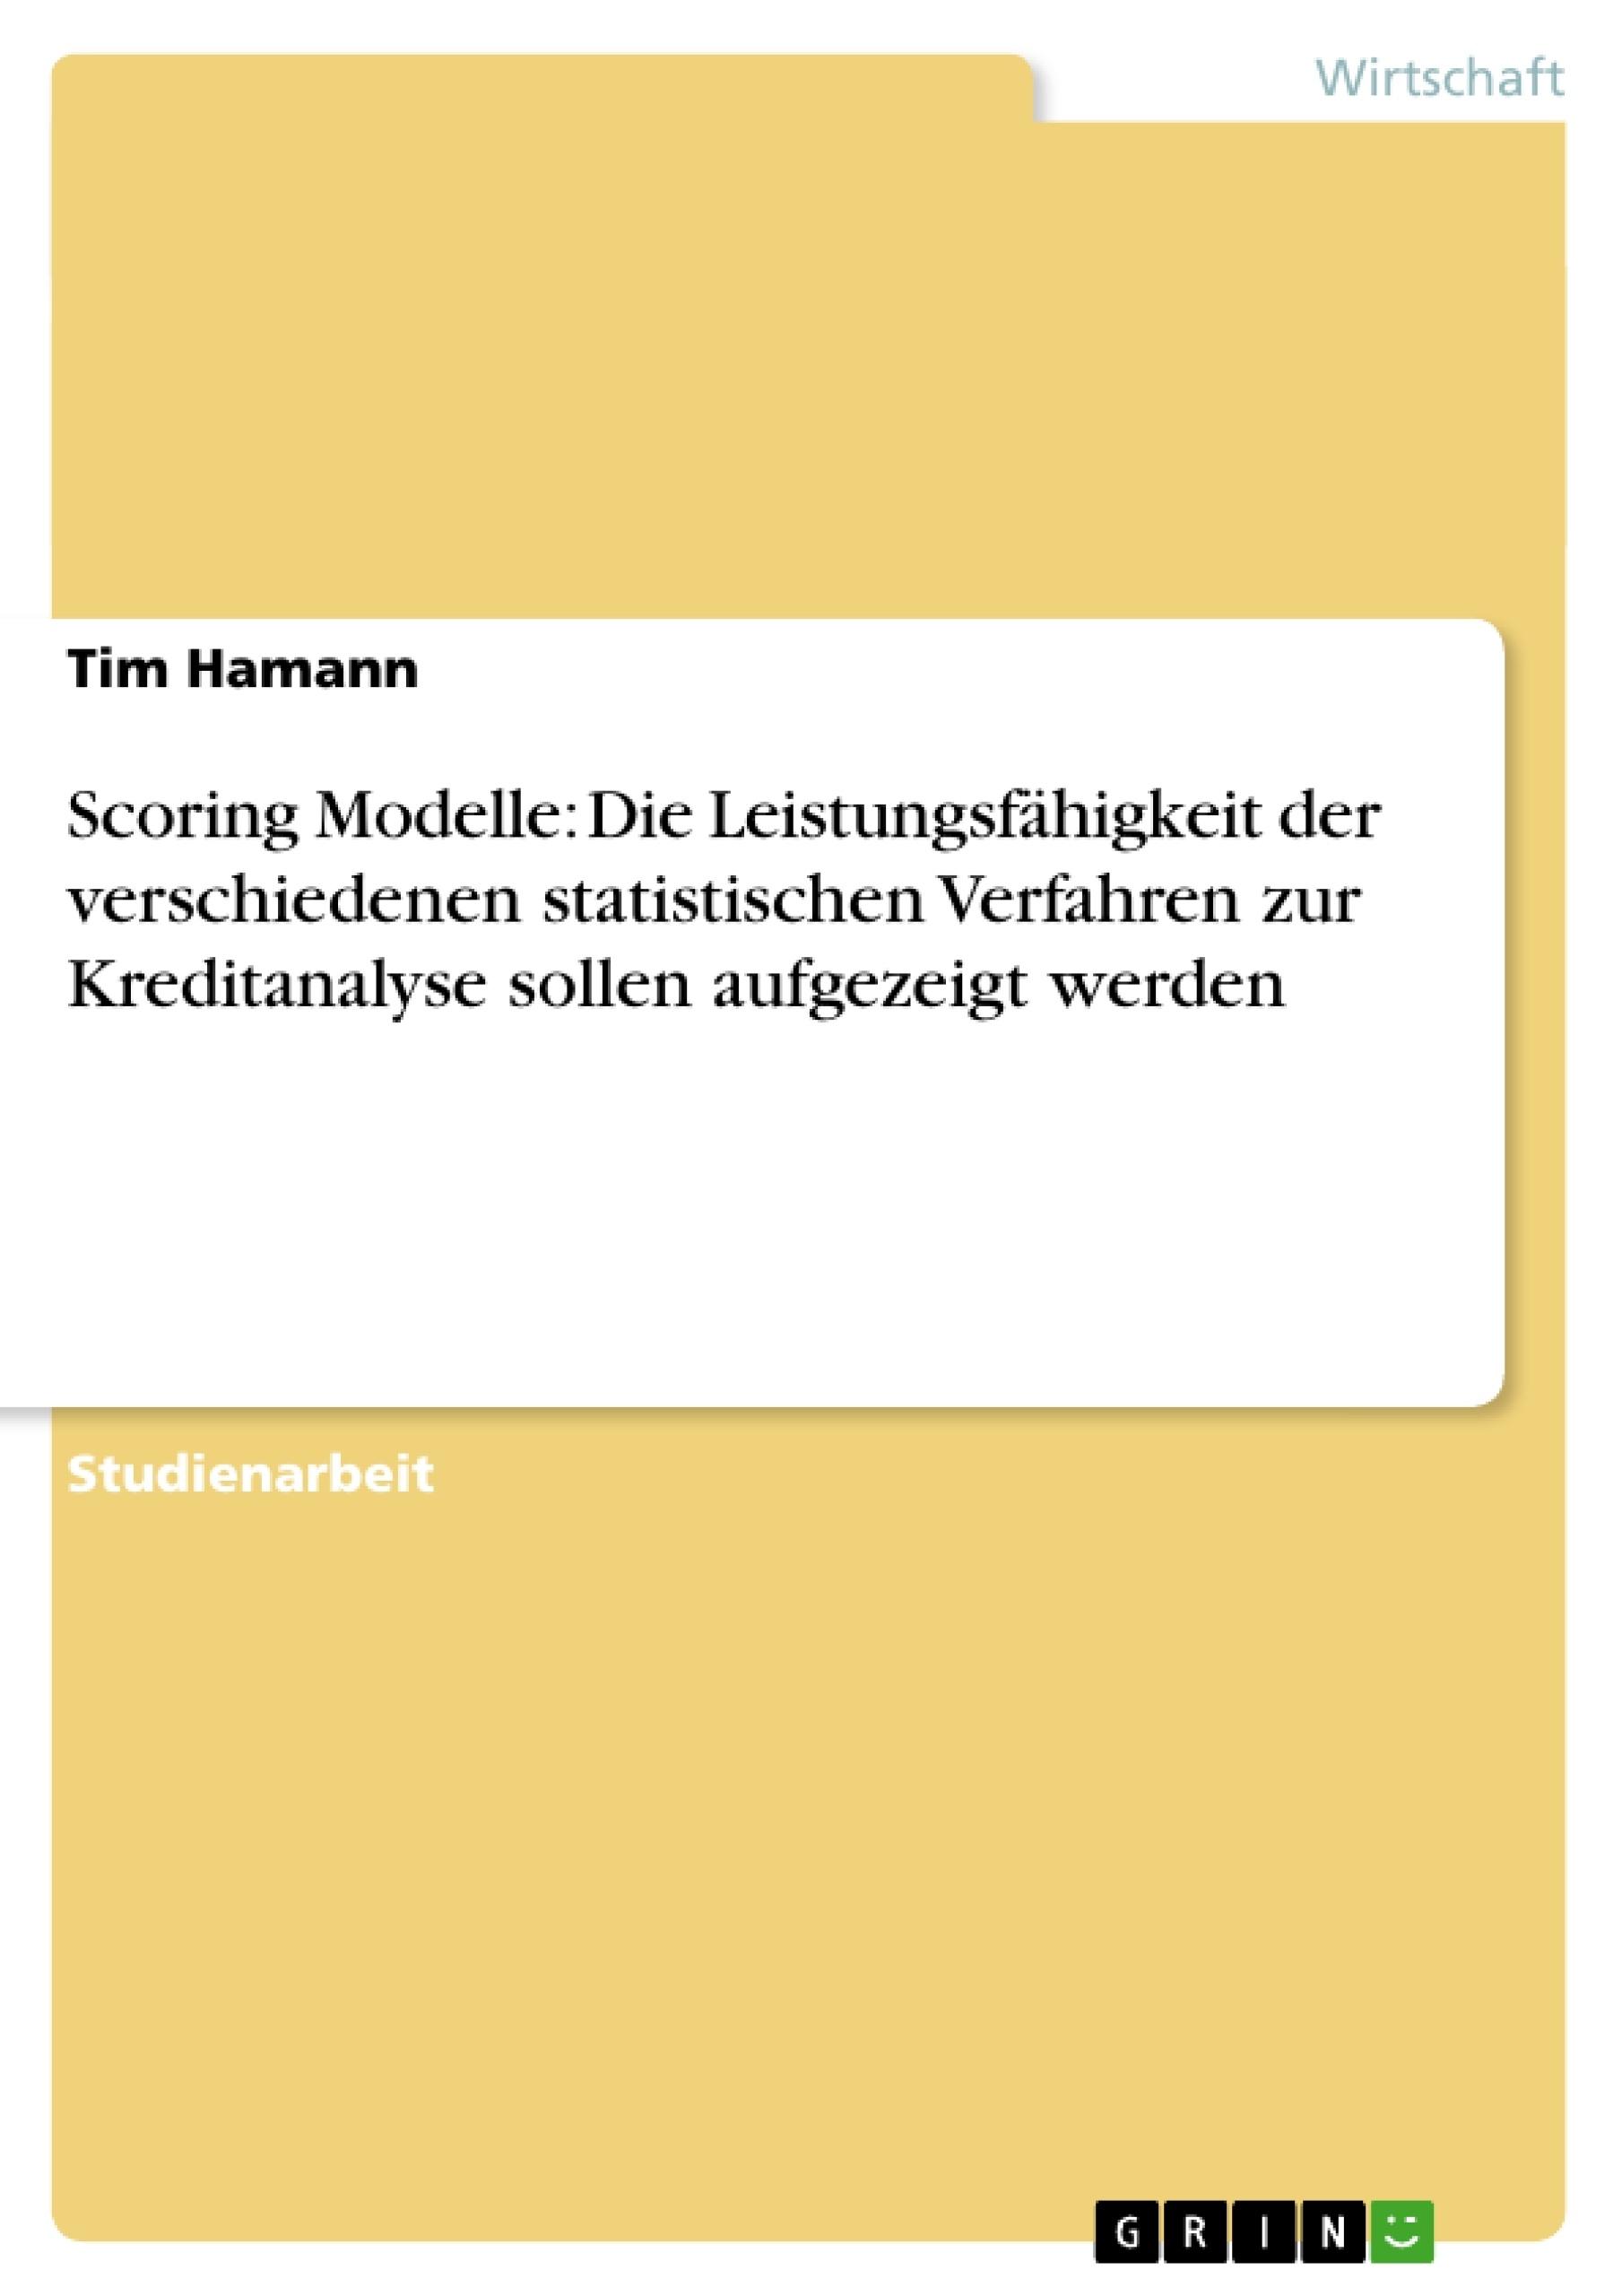 Titel: Scoring Modelle: Die Leistungsfähigkeit der verschiedenen statistischen Verfahren zur Kreditanalyse sollen aufgezeigt werden